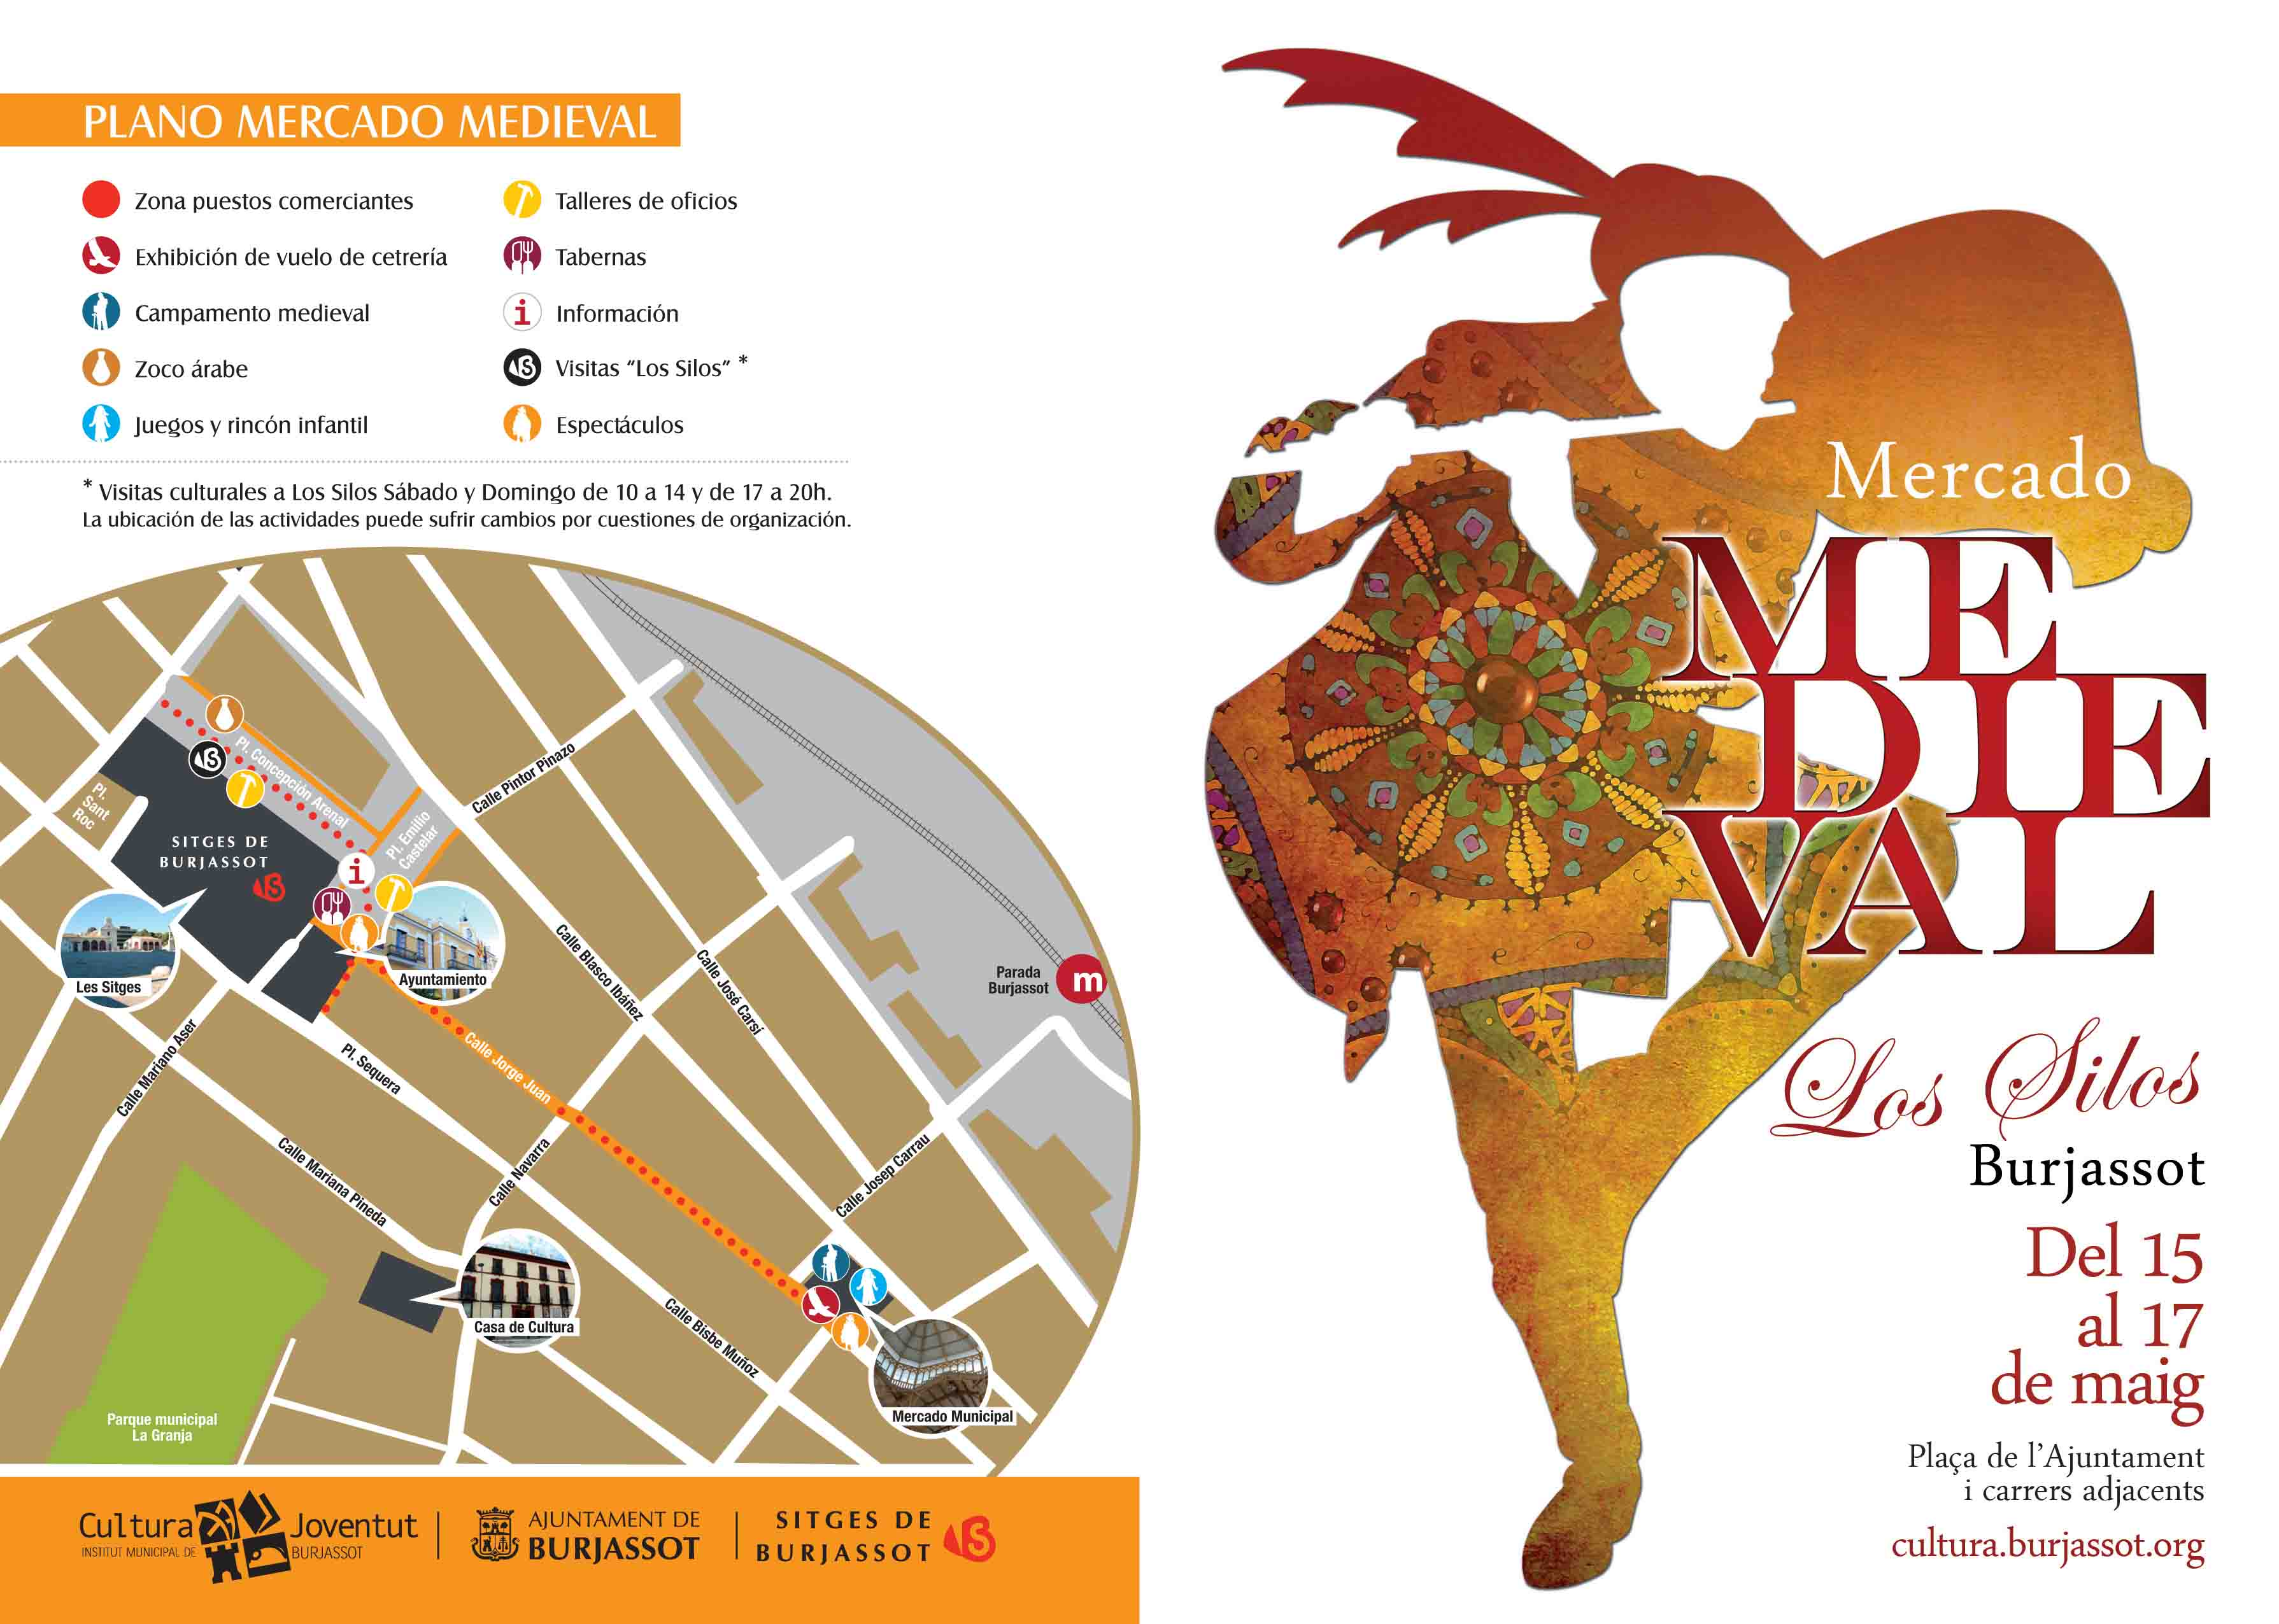 El Mercado Medieval llega este fin de semana a Burjassot